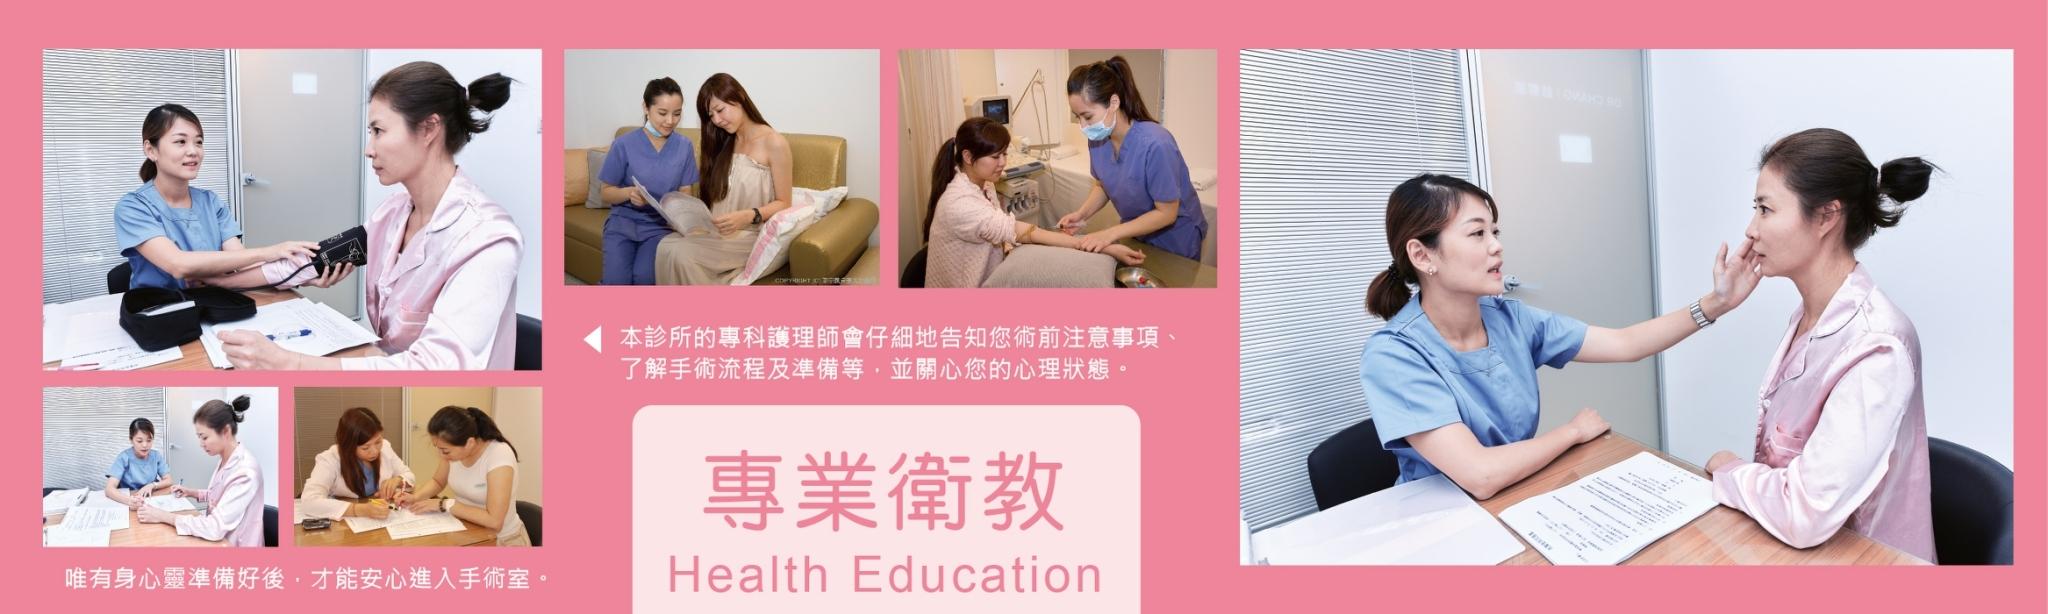 隆乳手術後專業衛教-東京風采整形外科診所